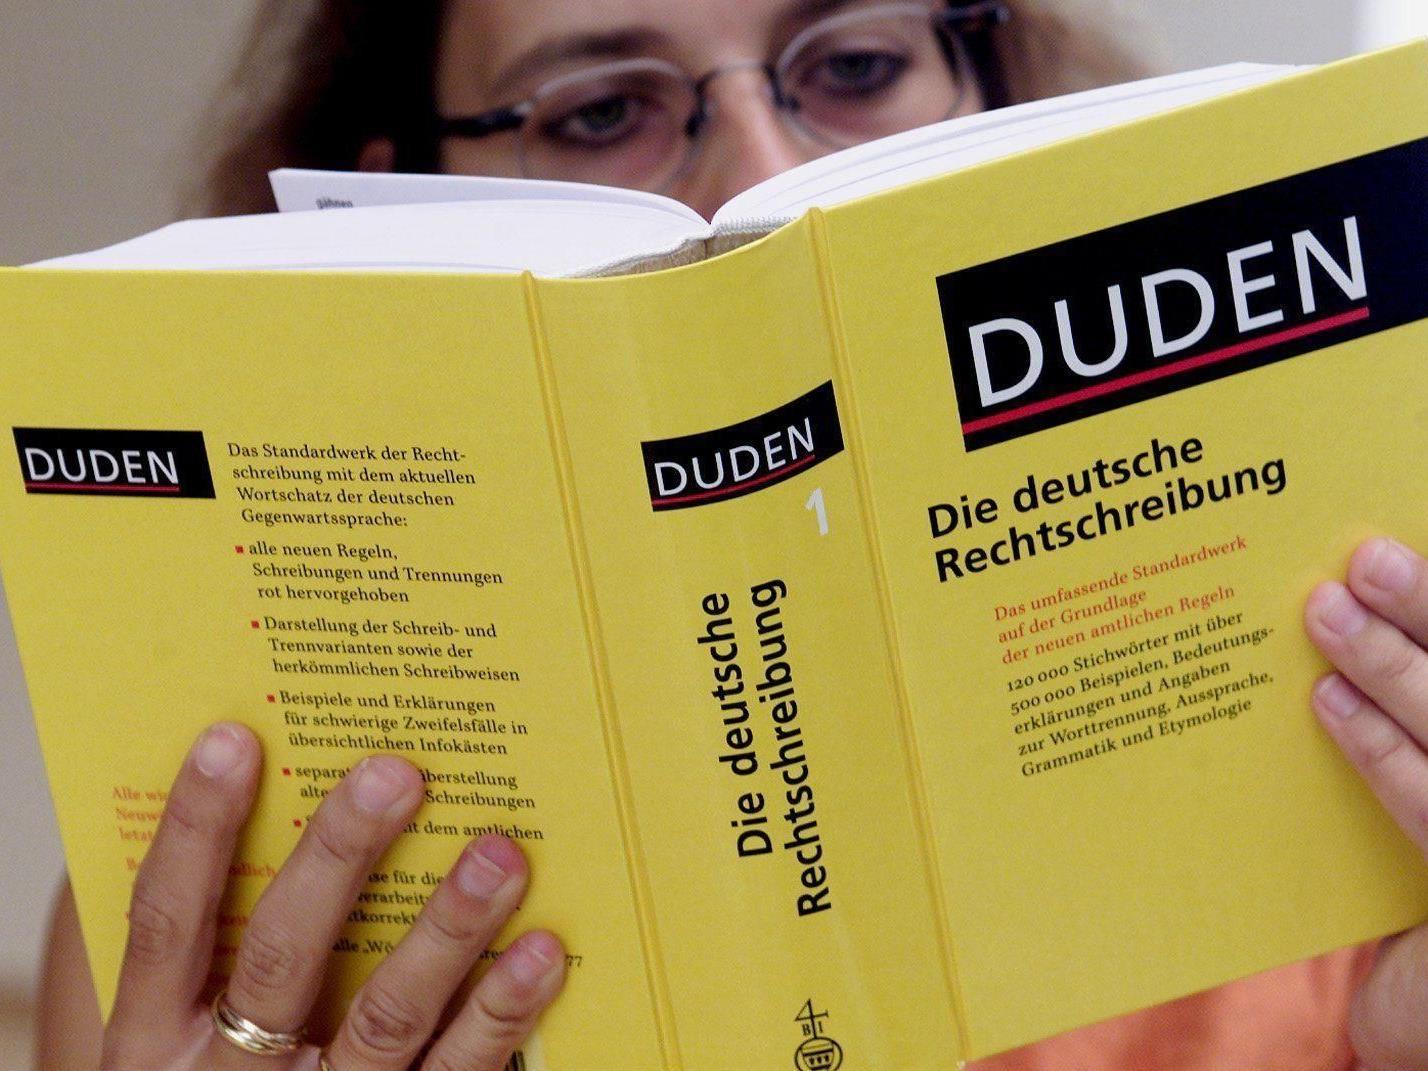 9,4 Millionen Europäer lernen derzeit Deutsch.